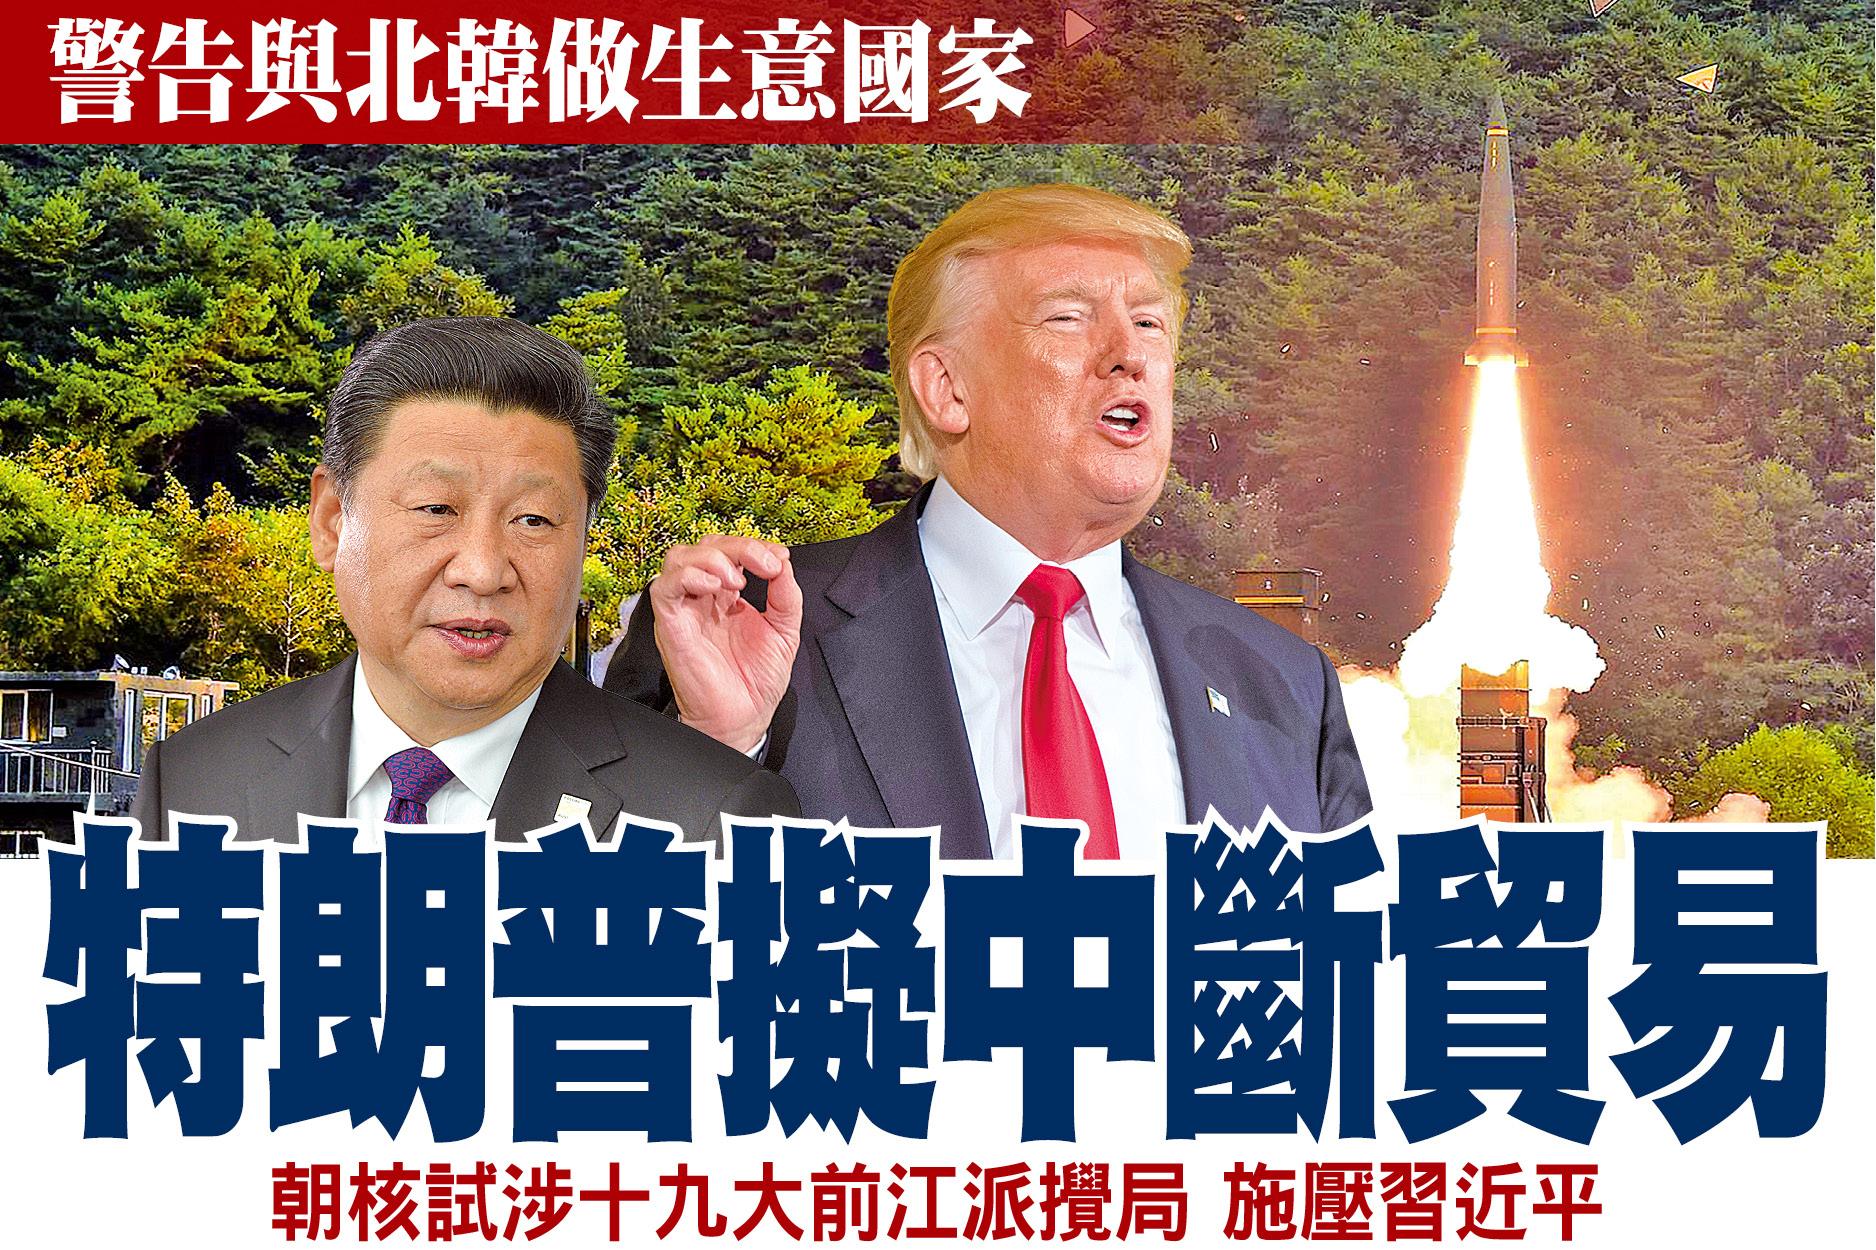 警告與北韓做生意國家 特朗普擬中斷貿易